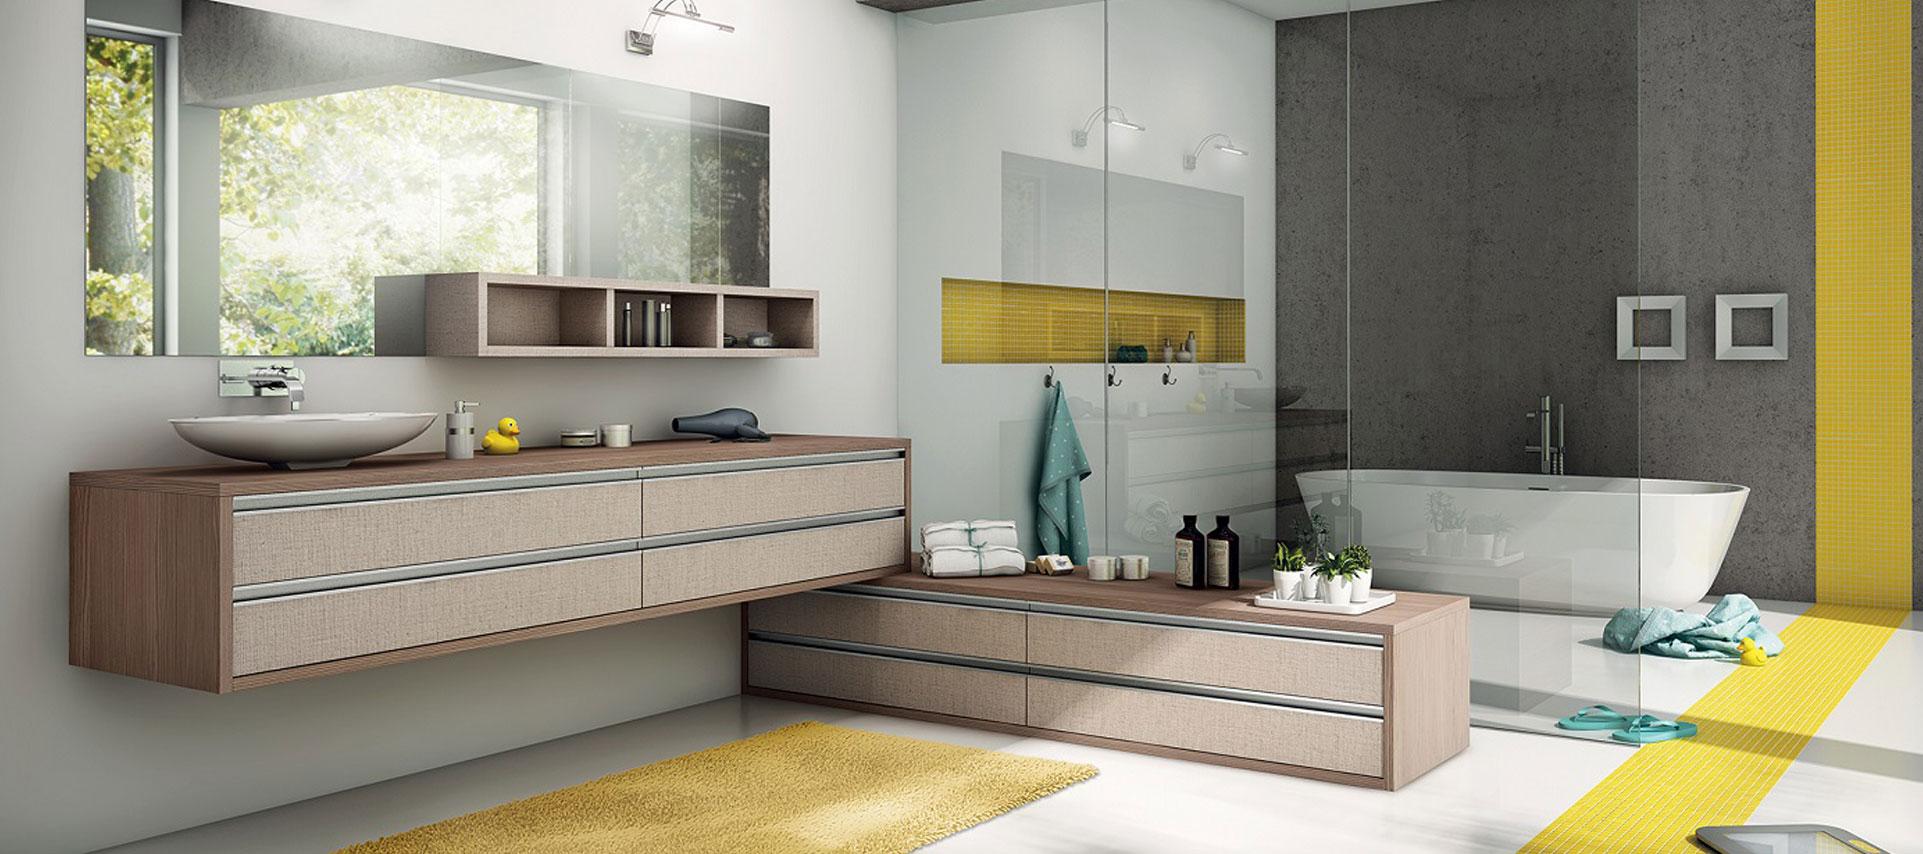 Banheiro Planejado Curitiba  Decor8 Móveis Planejados -> Ncm Banheiro Planejado